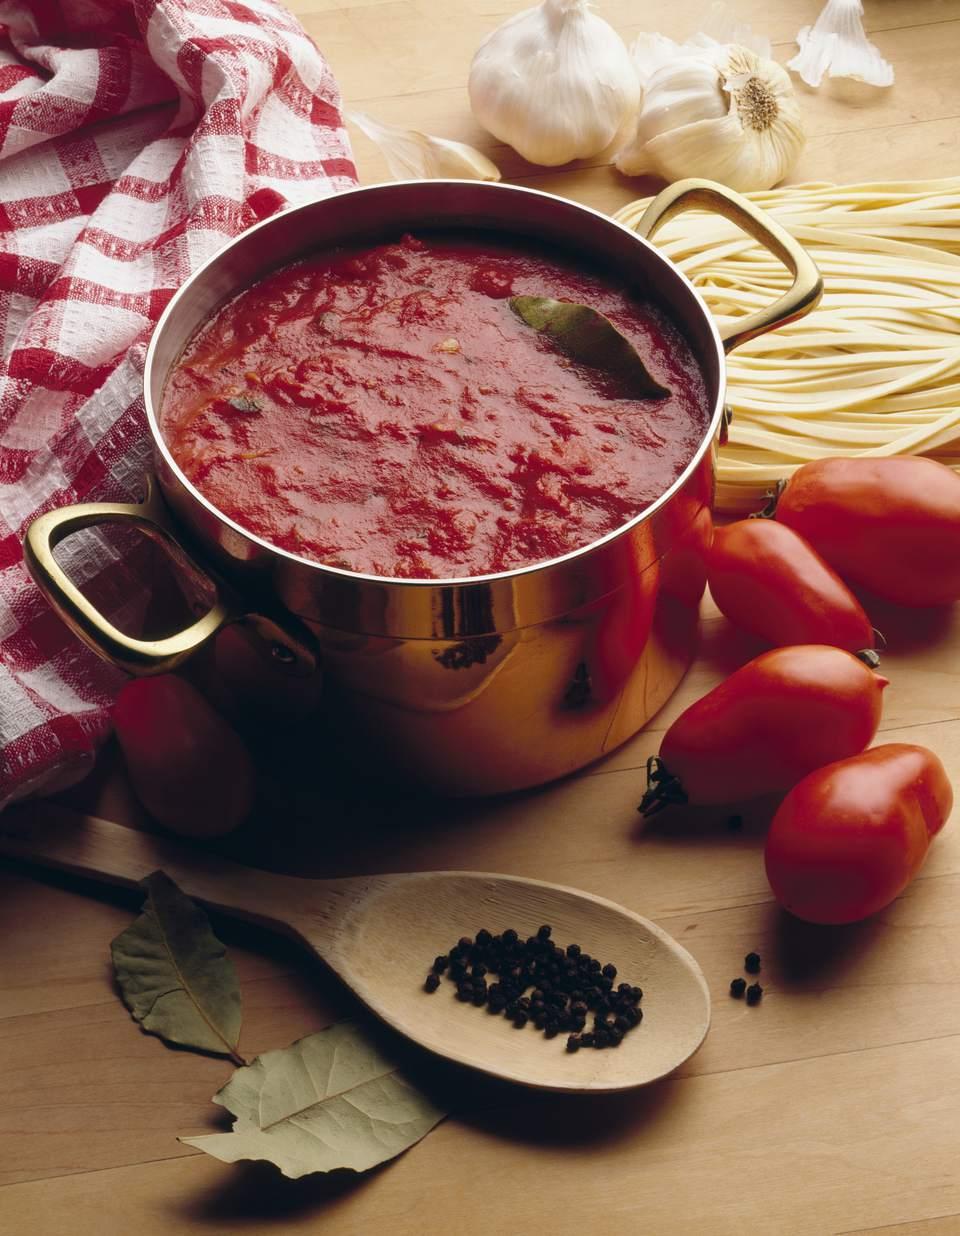 Salsa marinara al estilo napolitano (Salsa di Pomodoro alla Napolitana)